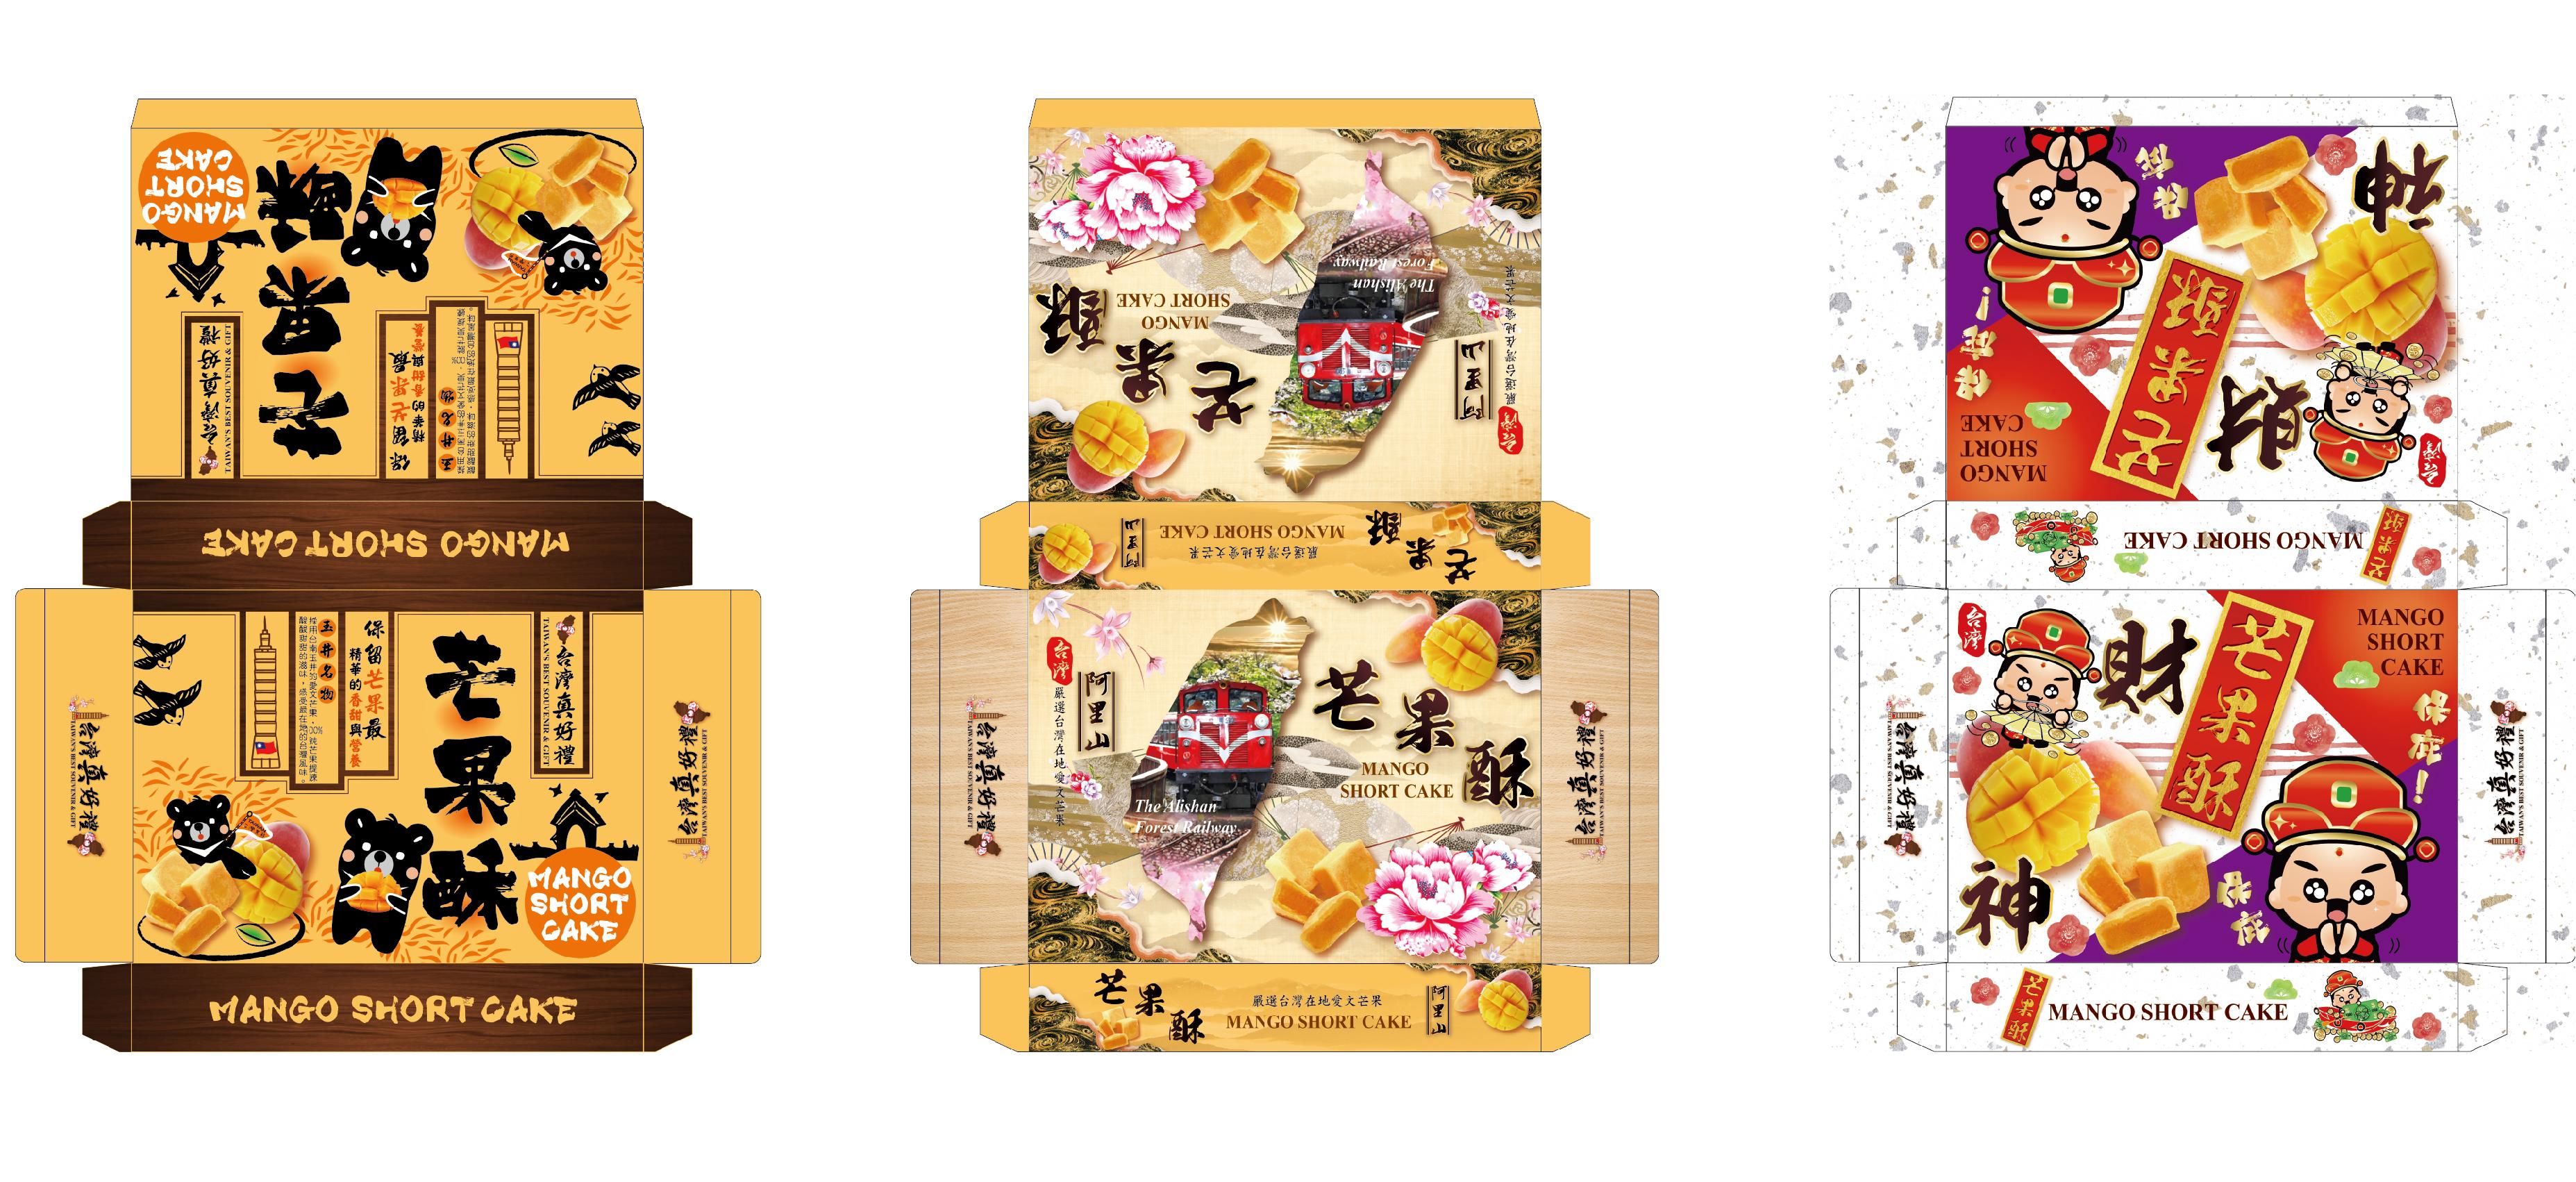 鳳梨酥芒果蘇外盒包裝設計